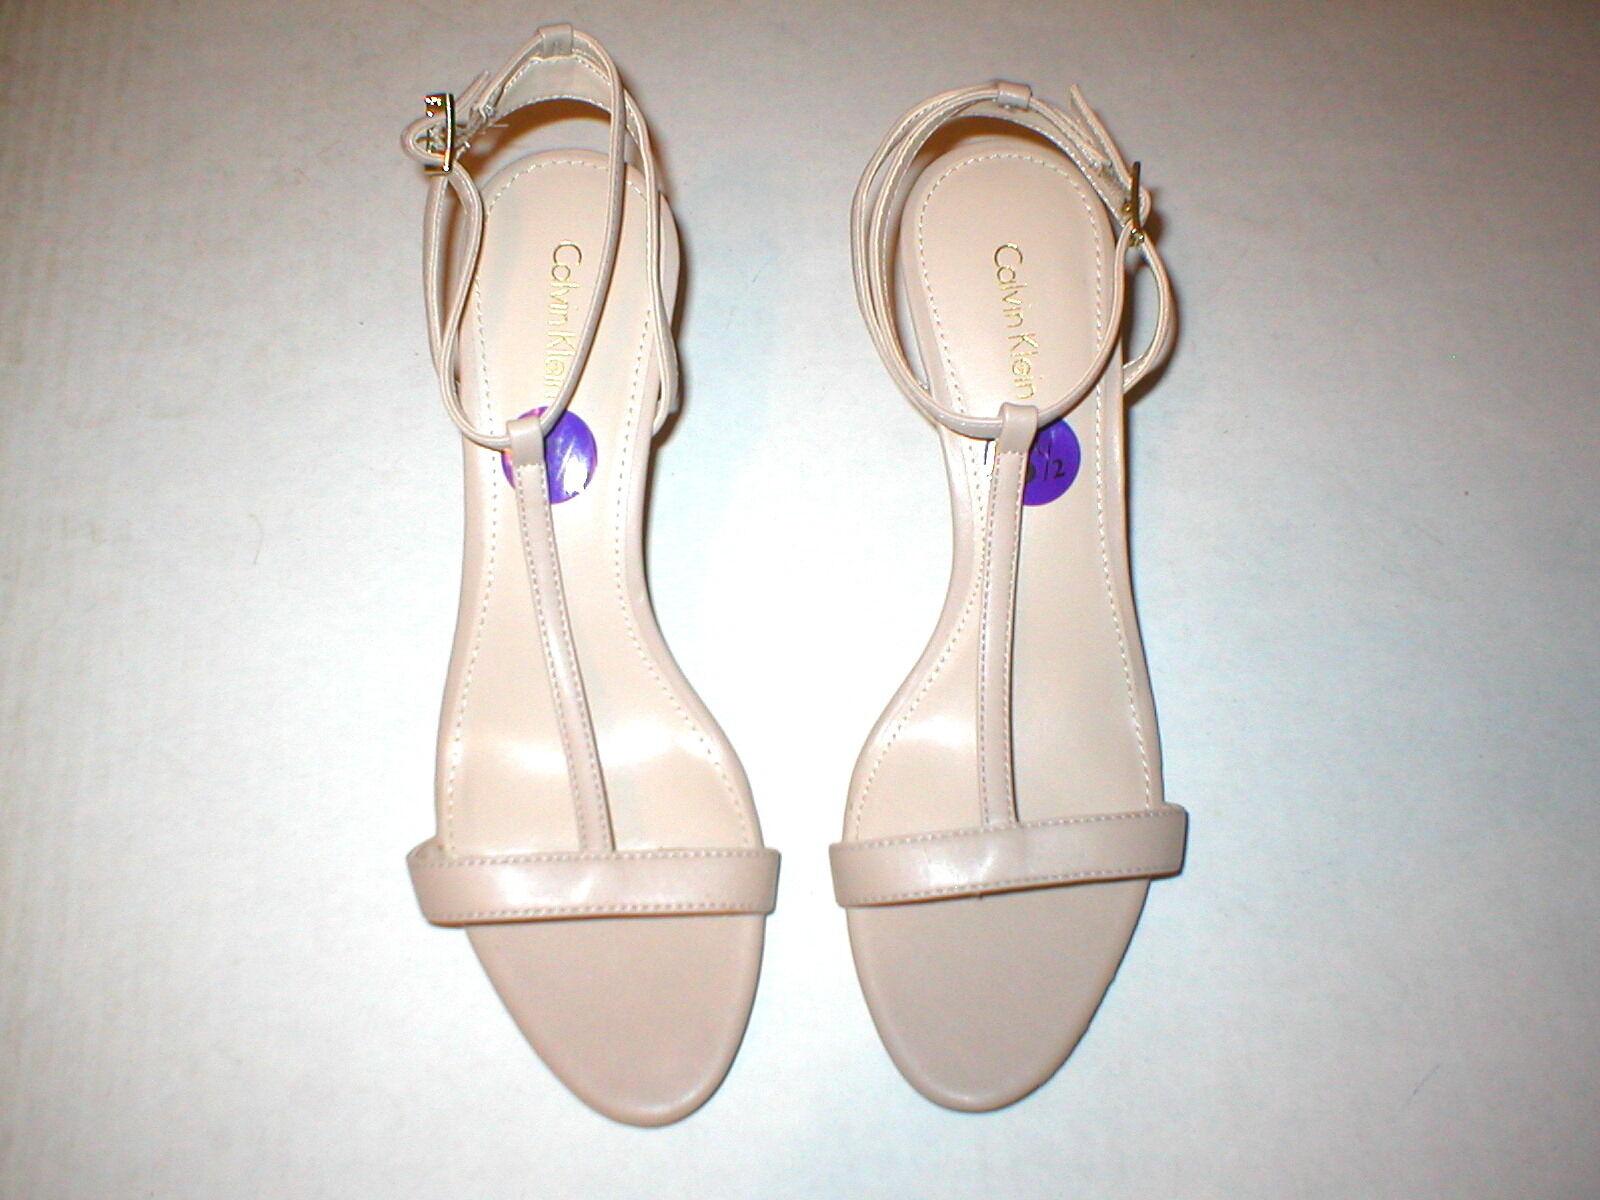 NEU Damenschuhe 8.5 Calvin Klein Lola Heels Schuhes Tan Khaki Sandale Open toe Leder